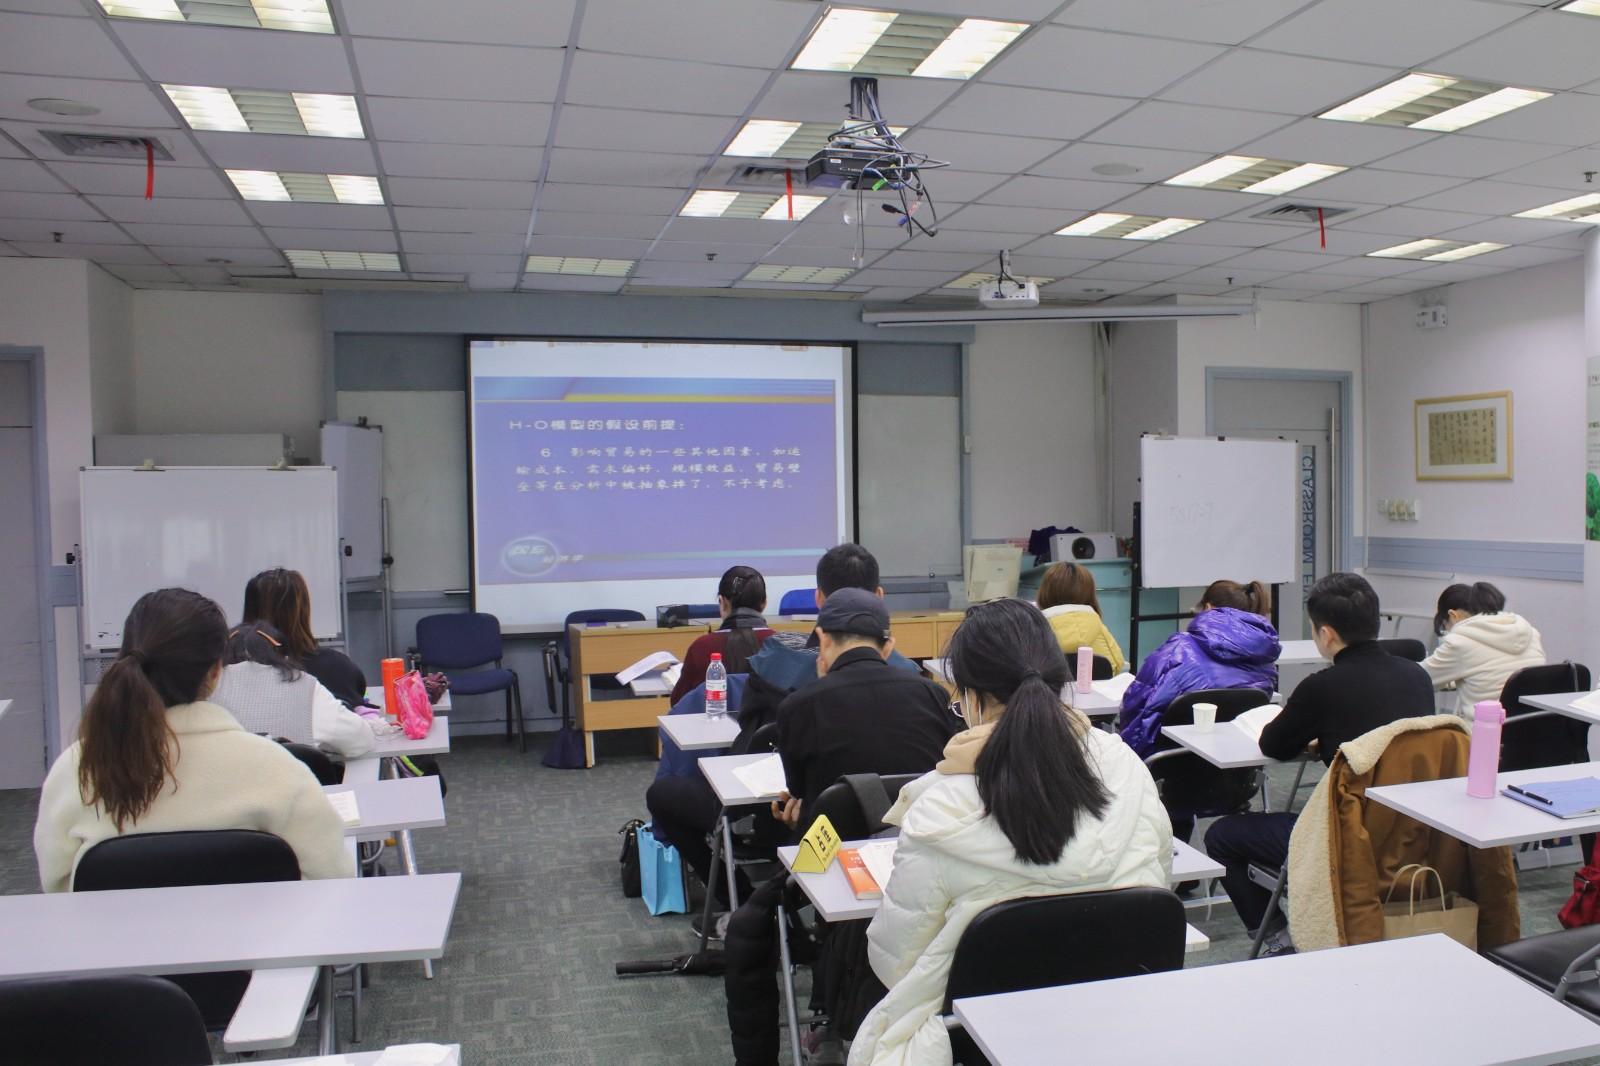 中国人民大学人文学院上课图集